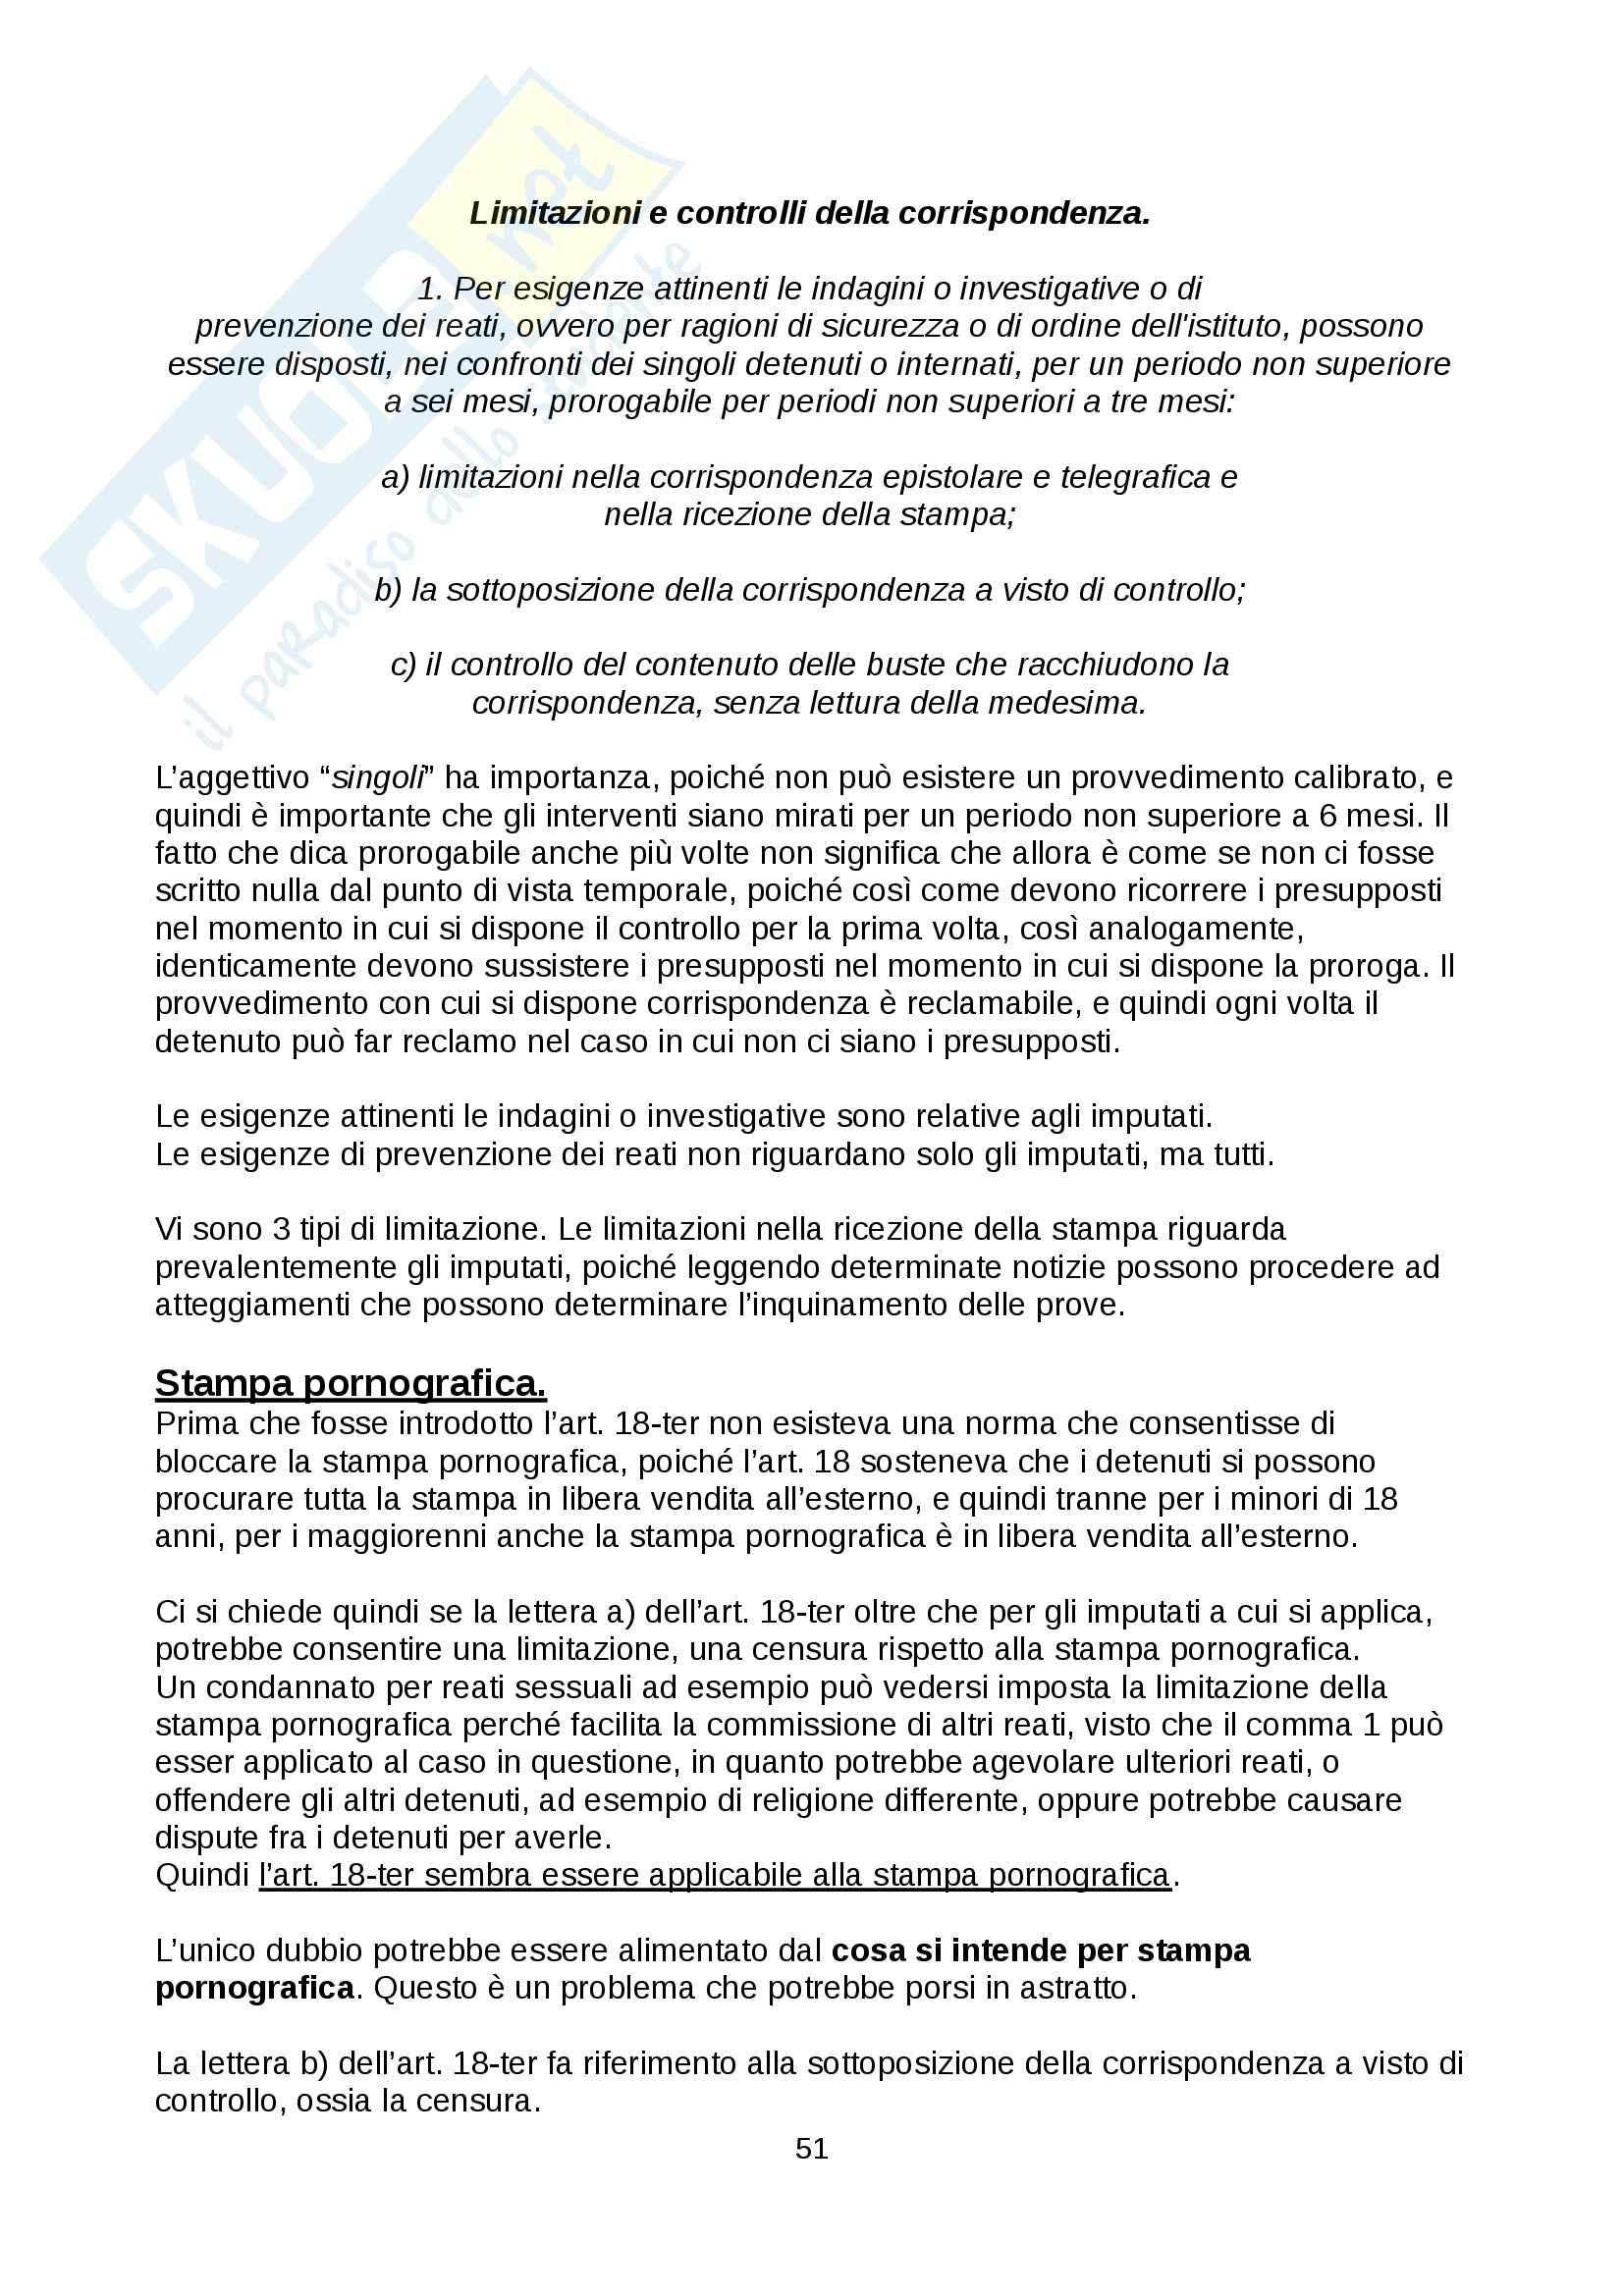 Diritto penitenziario - nozioni Pag. 51